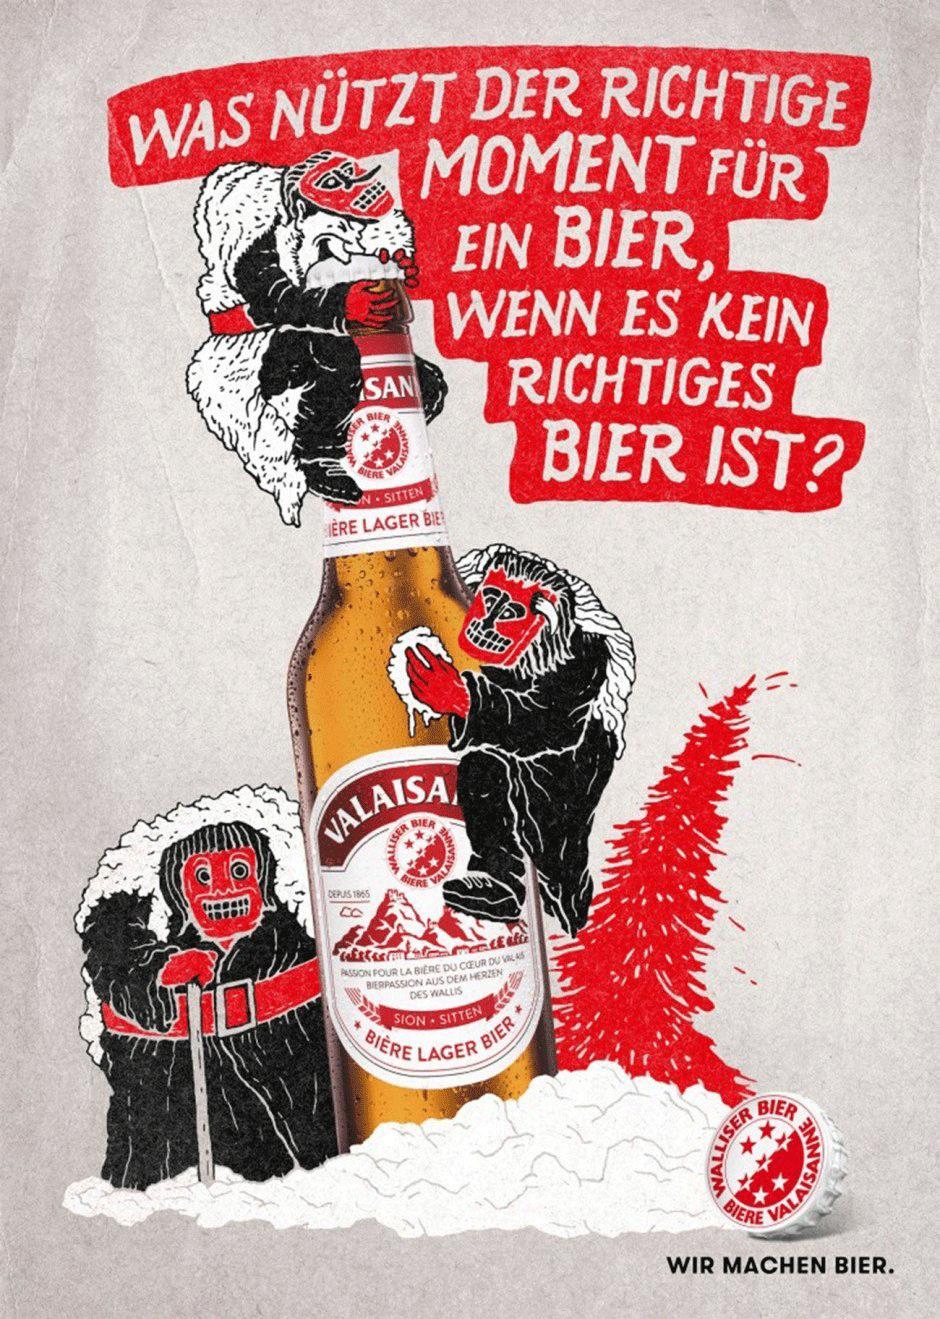 Mit Illustrationen von Jon Contino aus New York legte sich die Schweizer Brauerei Brasserie Valaisanne ein hippes Image zu